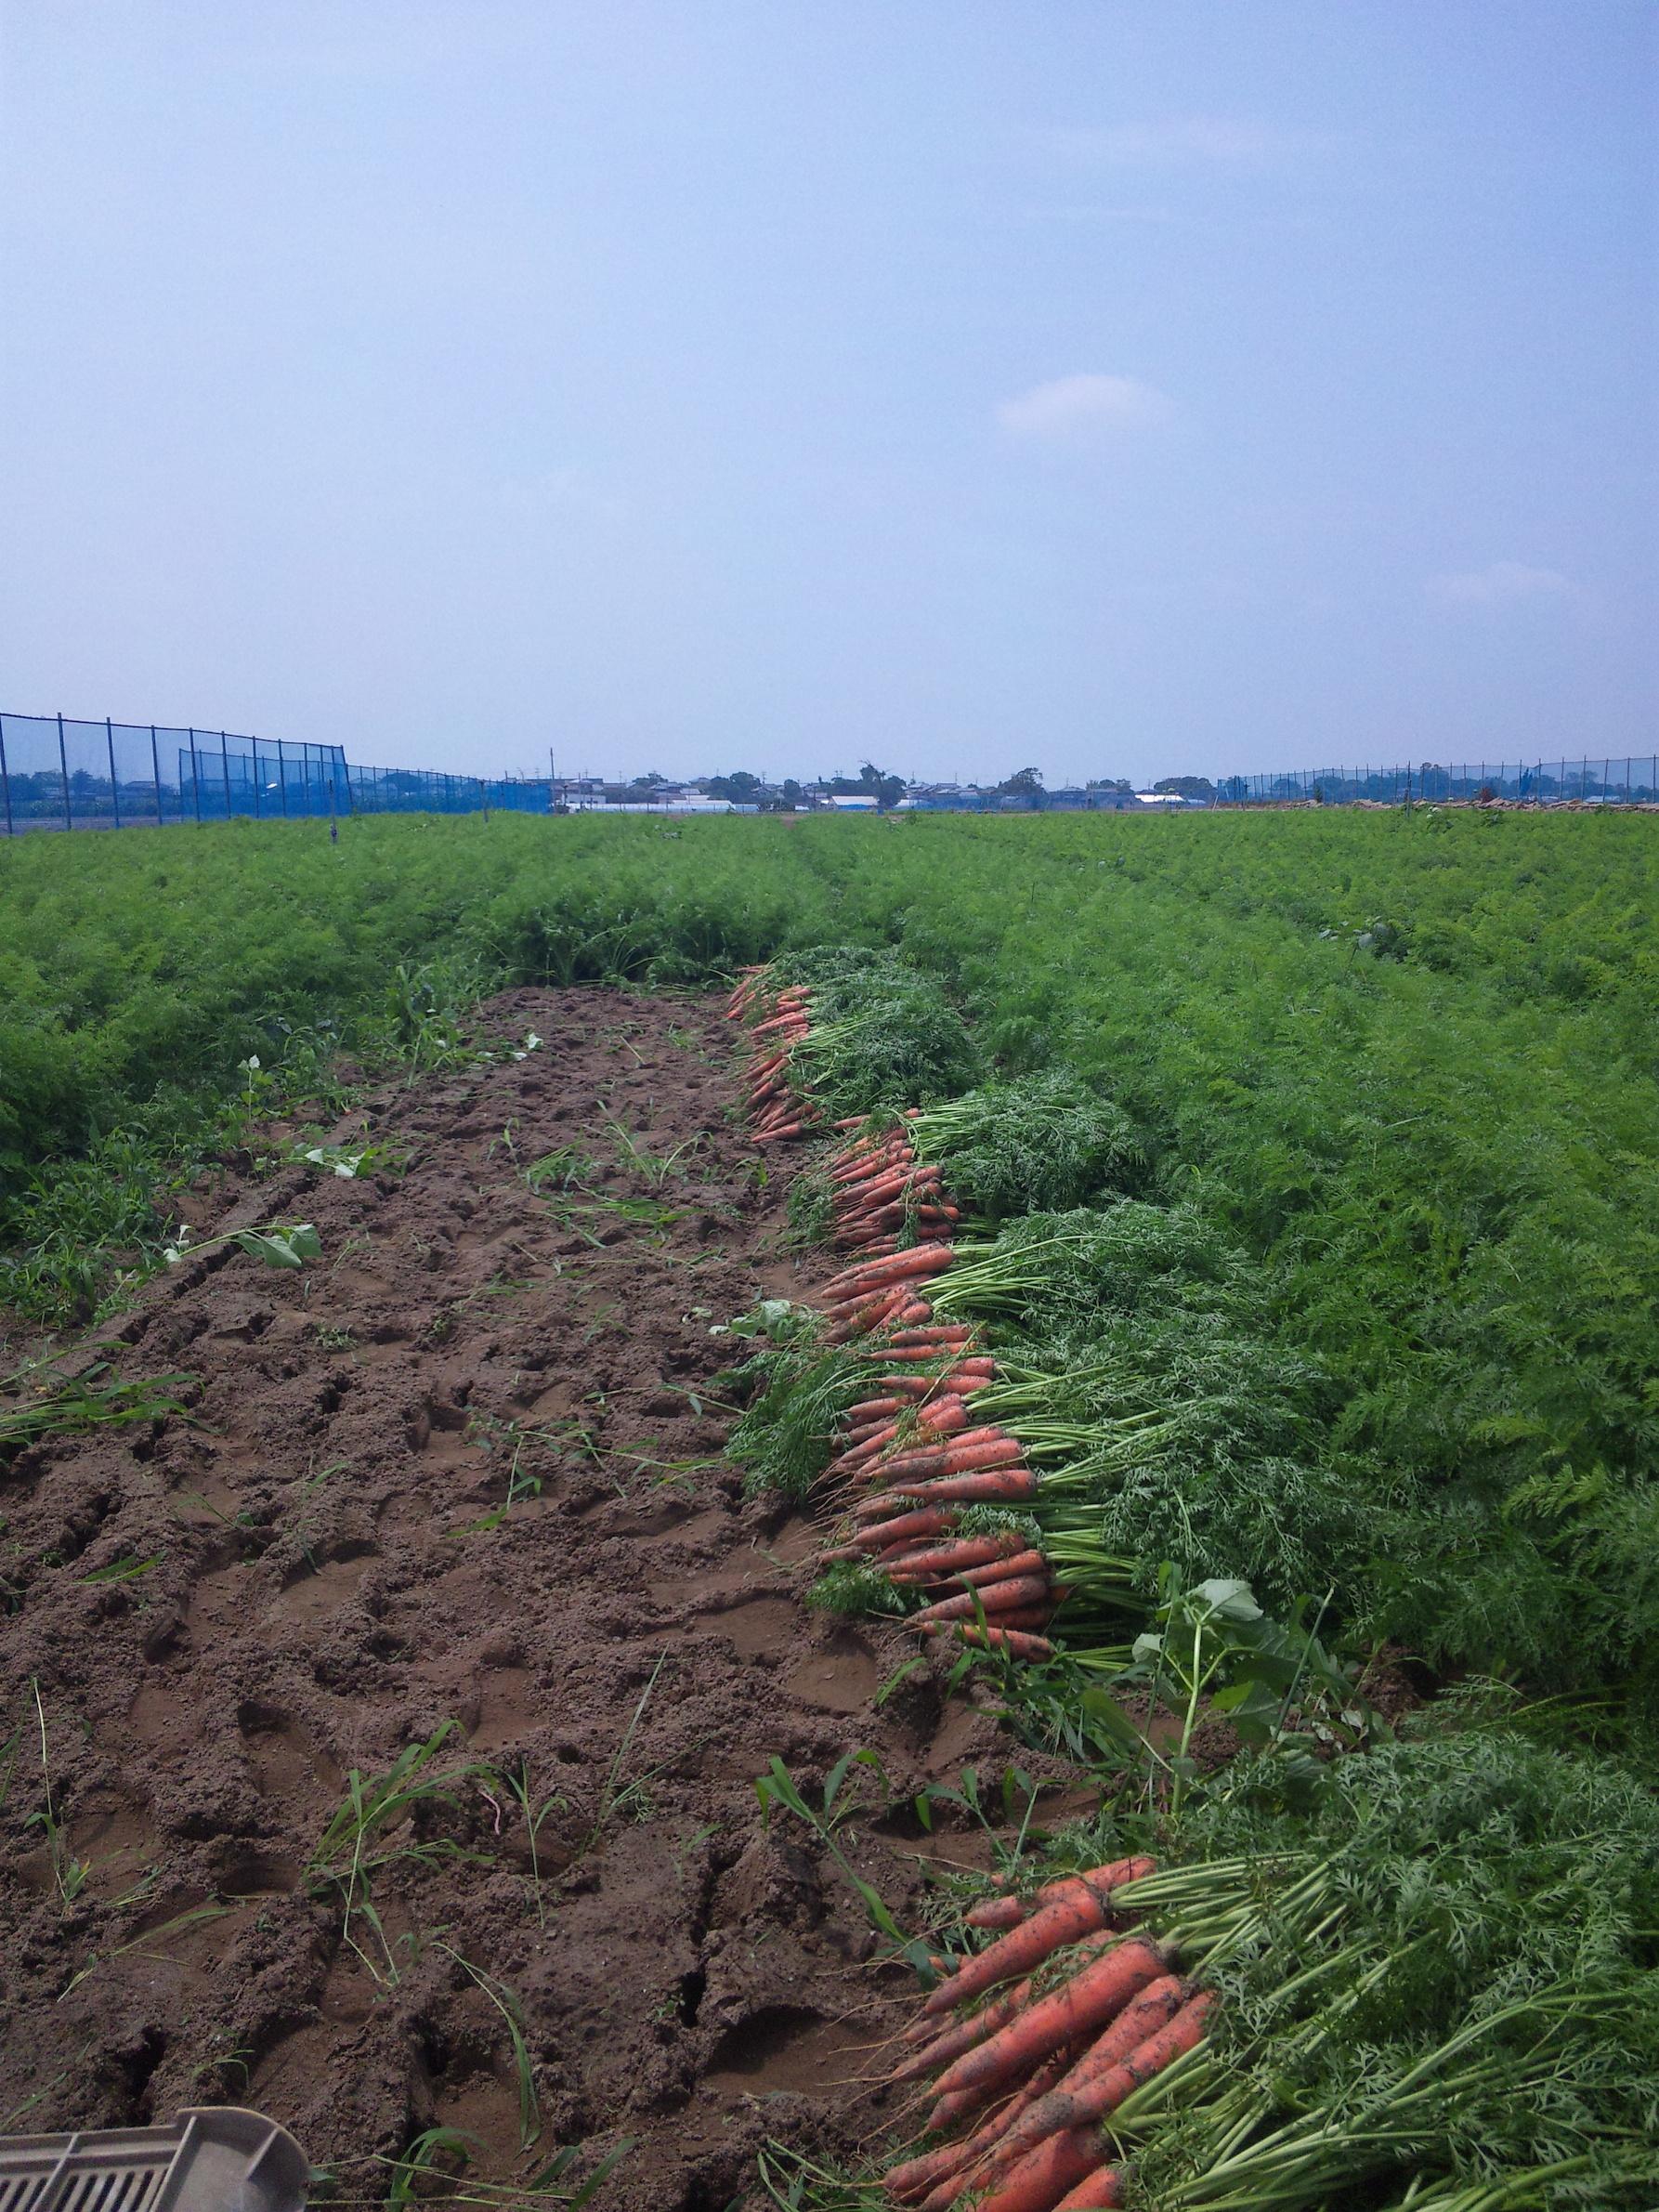 ニンジン収穫の様子